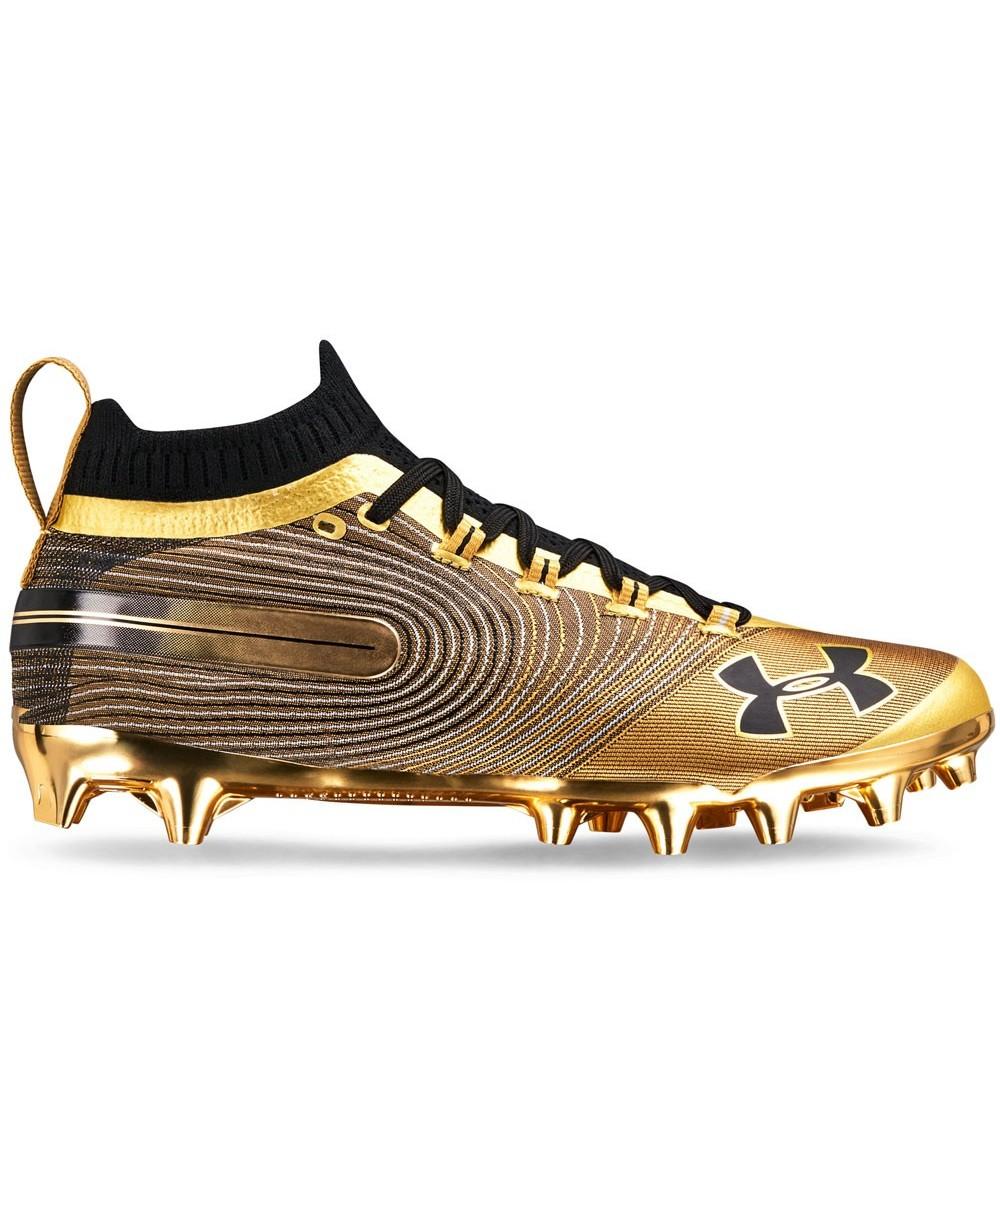 Mc Para Gold Metallic Spotlight De Fútbol Hombre Americano Zapatos D2beW9IEHY